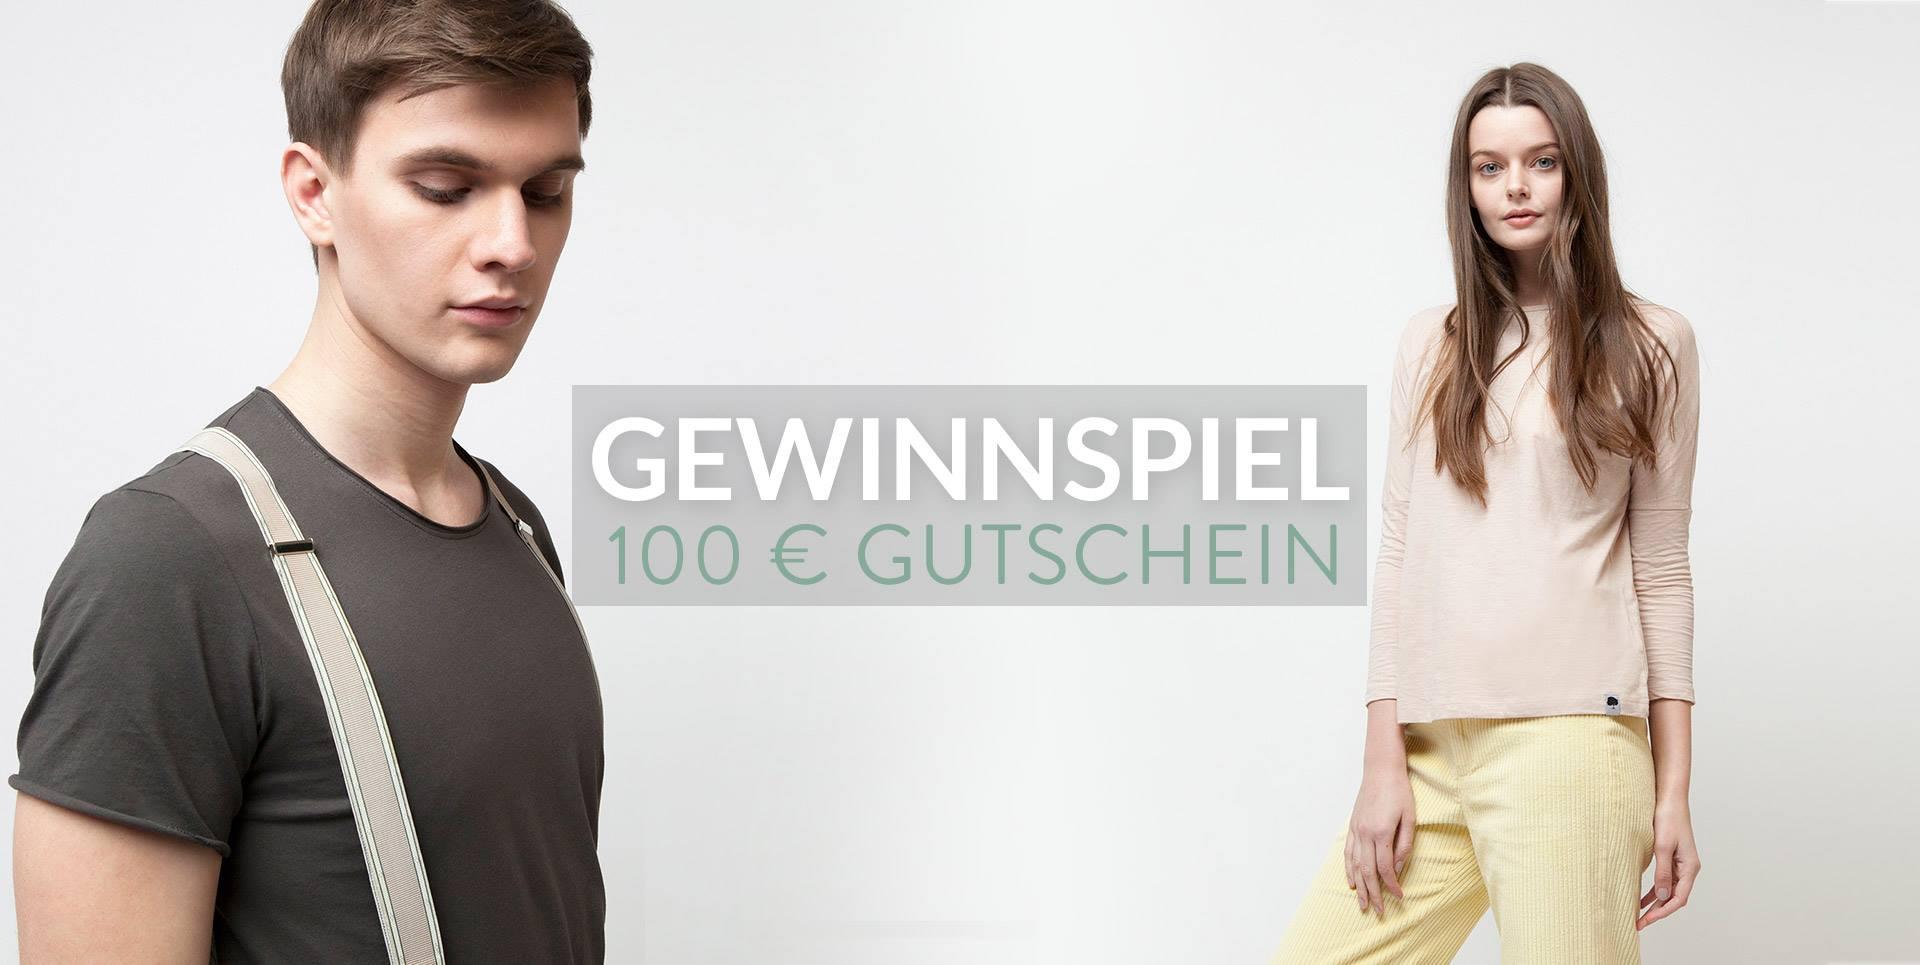 Gewinnspiel-100-euro-Online-Shop-FaiTrade-Bio